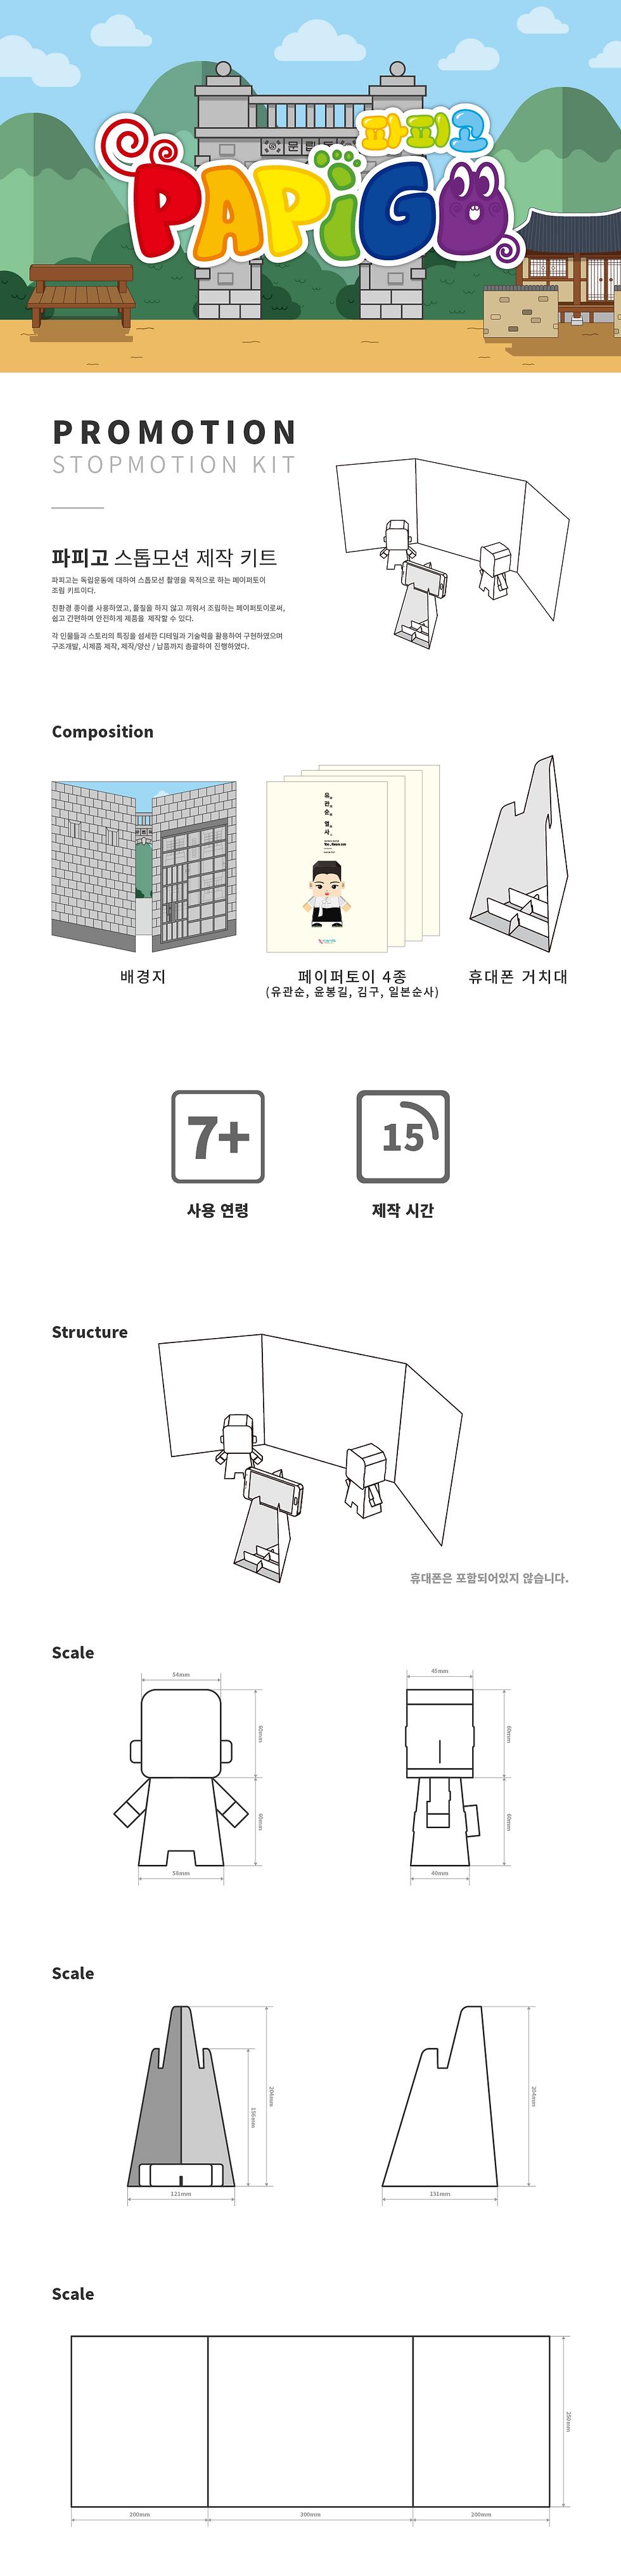 02-29. [2018] 티엘프렌즈_상세페이지.png